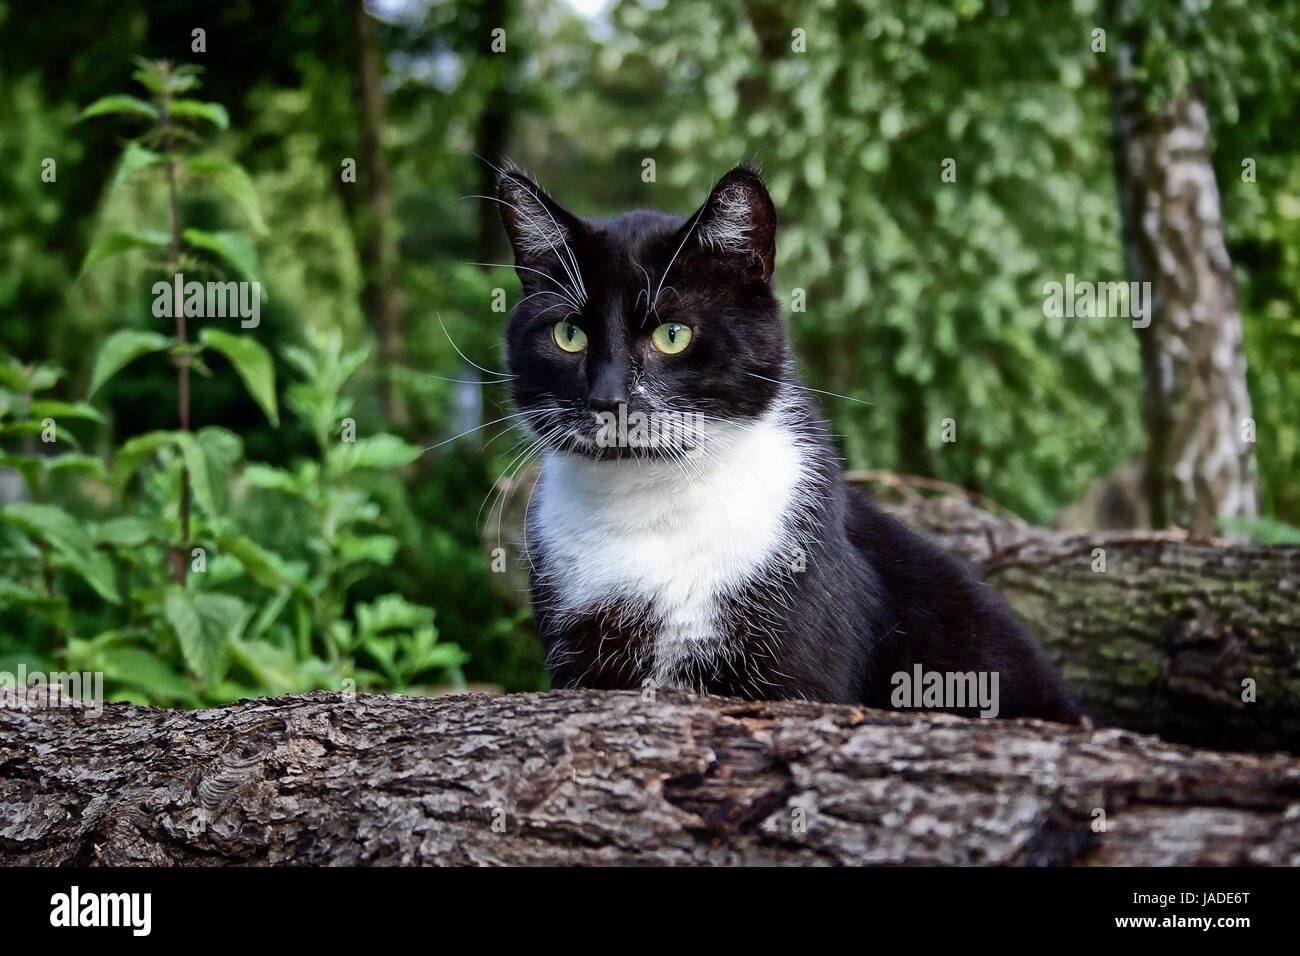 schwarz-weißer Kater auf Lauer - Stock Image